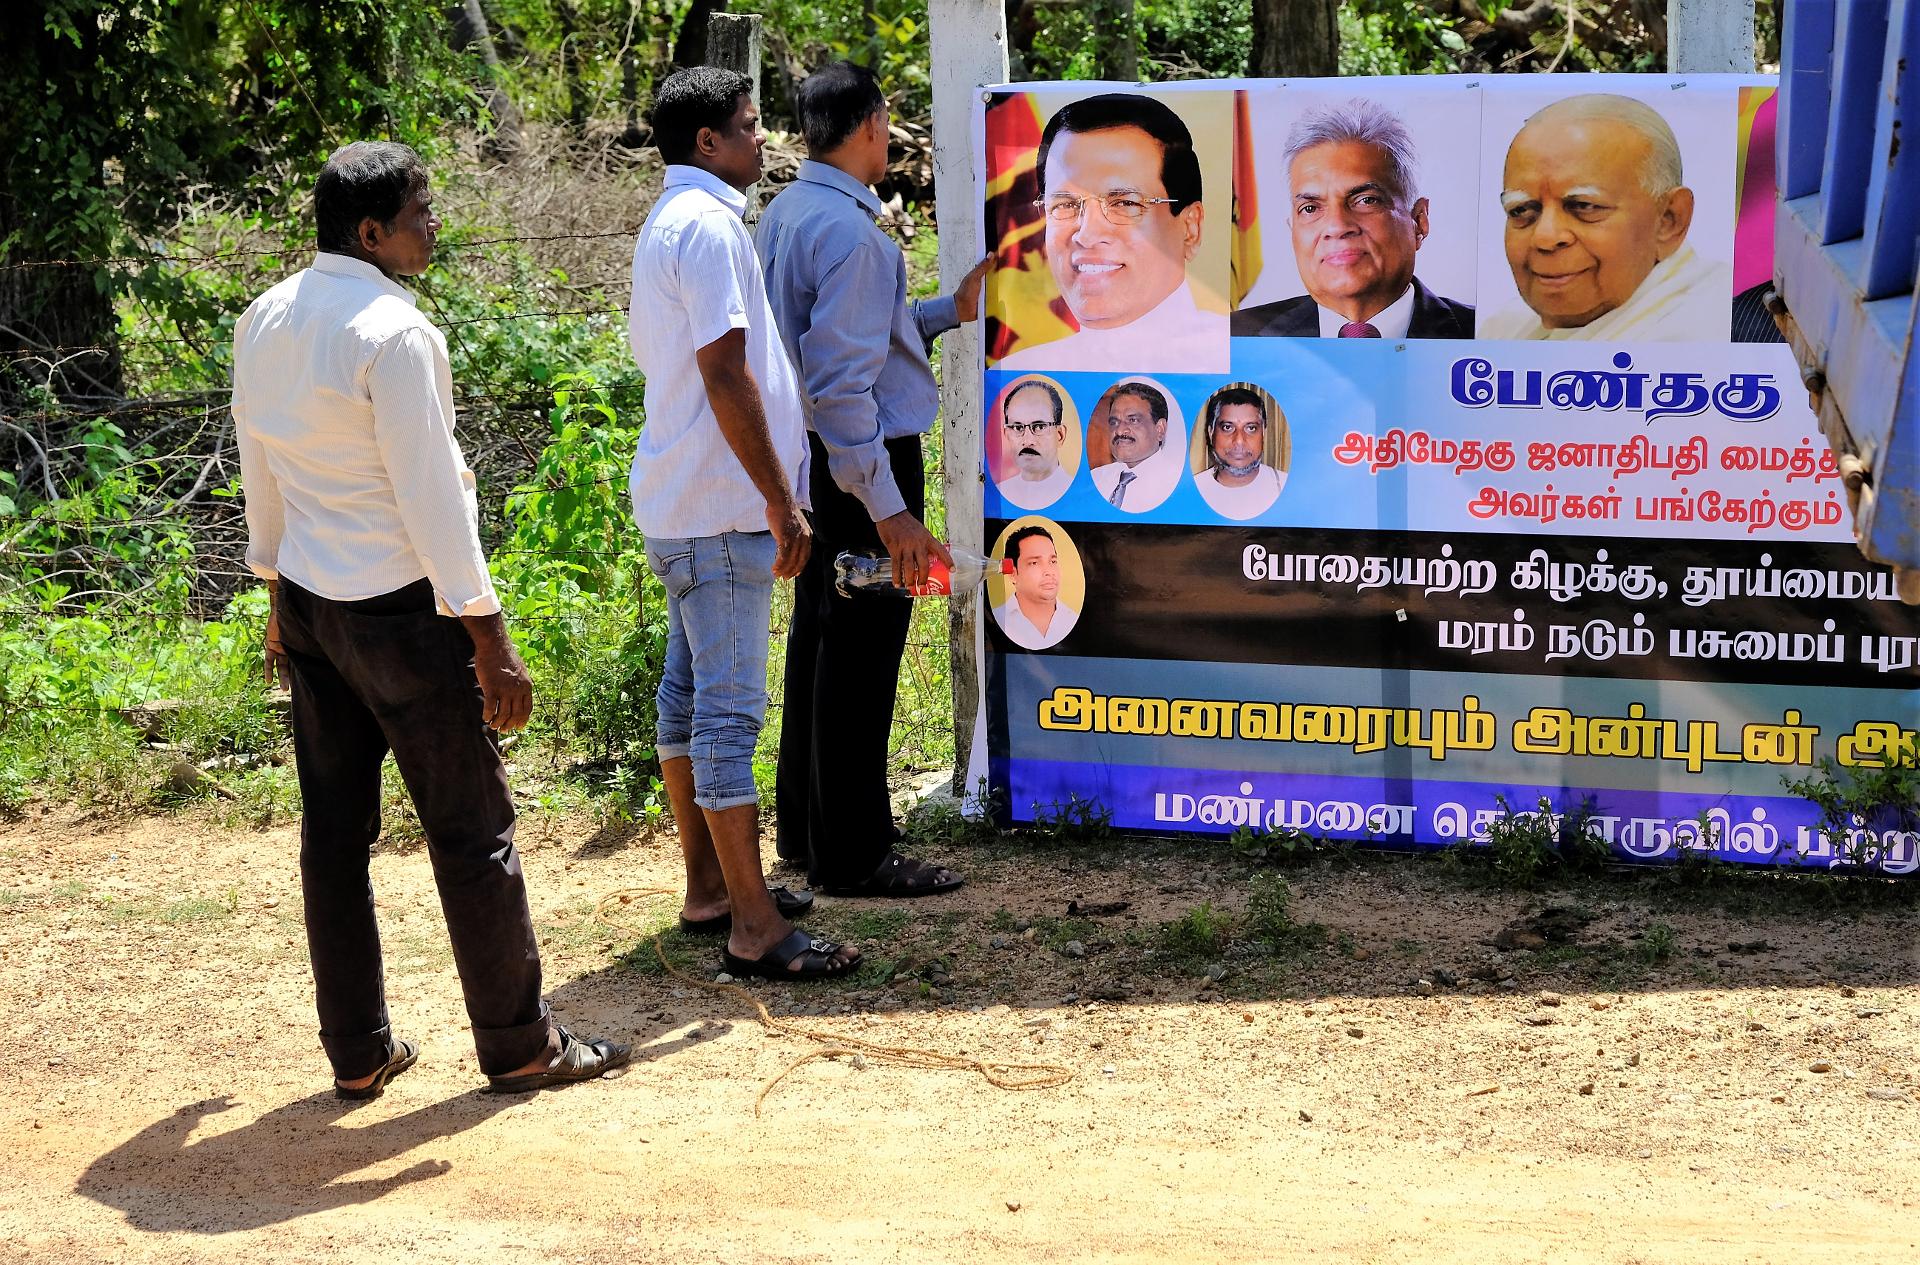 Några män, sannolikt från säkerhetstjänsten, inspekterar en skylt som vandaliserats inför presidentens besök i östra Sri Lanka några dagar senare. På skylten syns president Maithripala Sirisema, premiärminister Wickremesinghe och R. Sampanthan, ledare för Tamilska nationella alliansen. Foto: Johan Mikaelsson